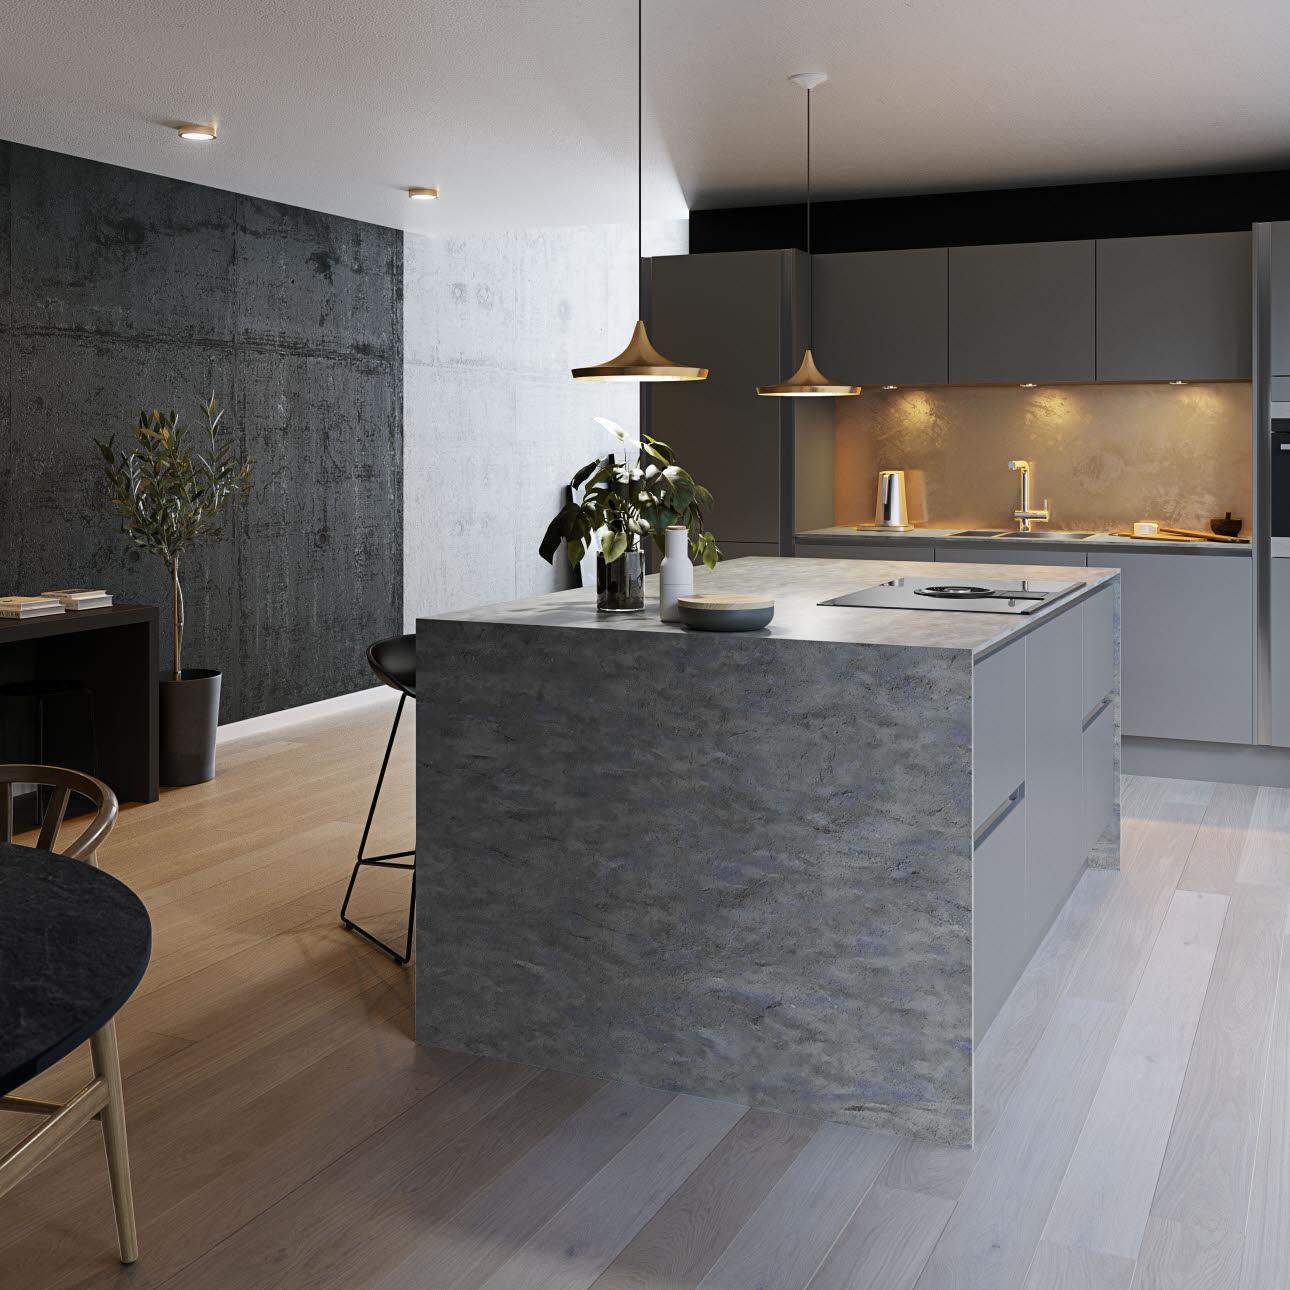 Granite Kitchen Worktops in Surrey, UK - Price ...